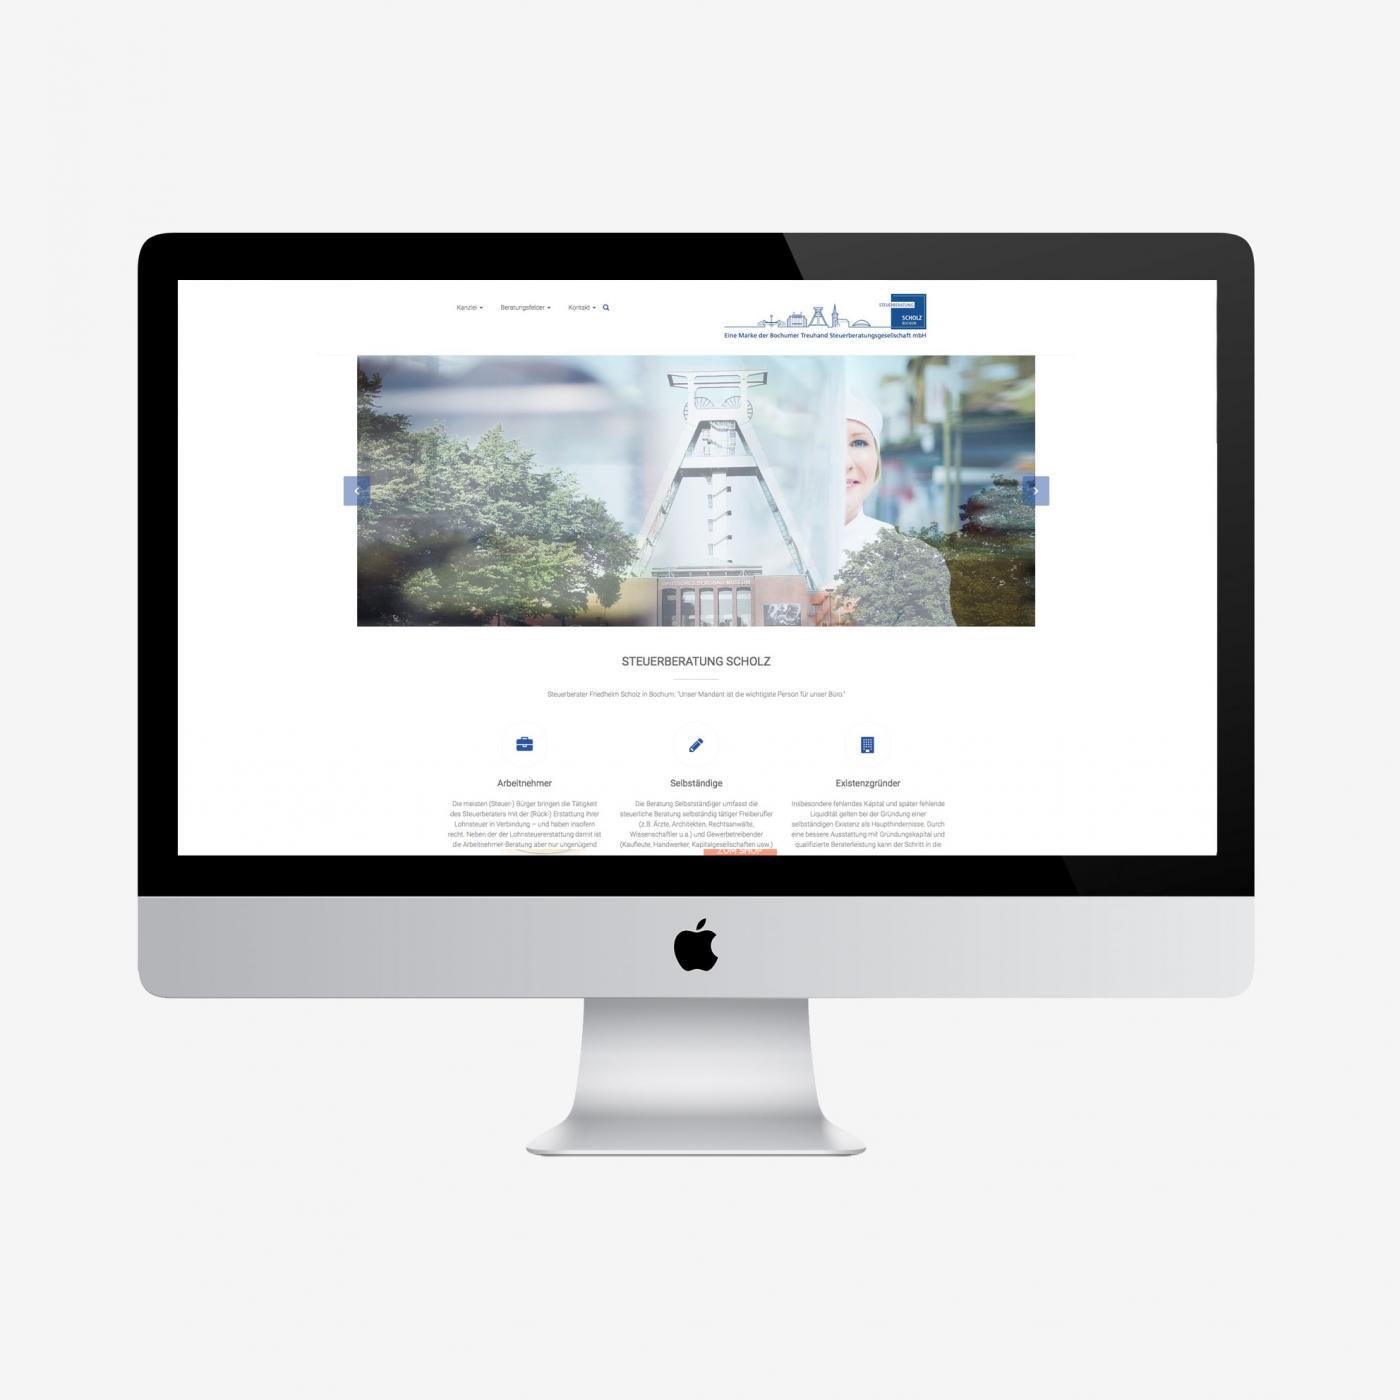 werbeagentur-gronewald-berlin-internet-online-design